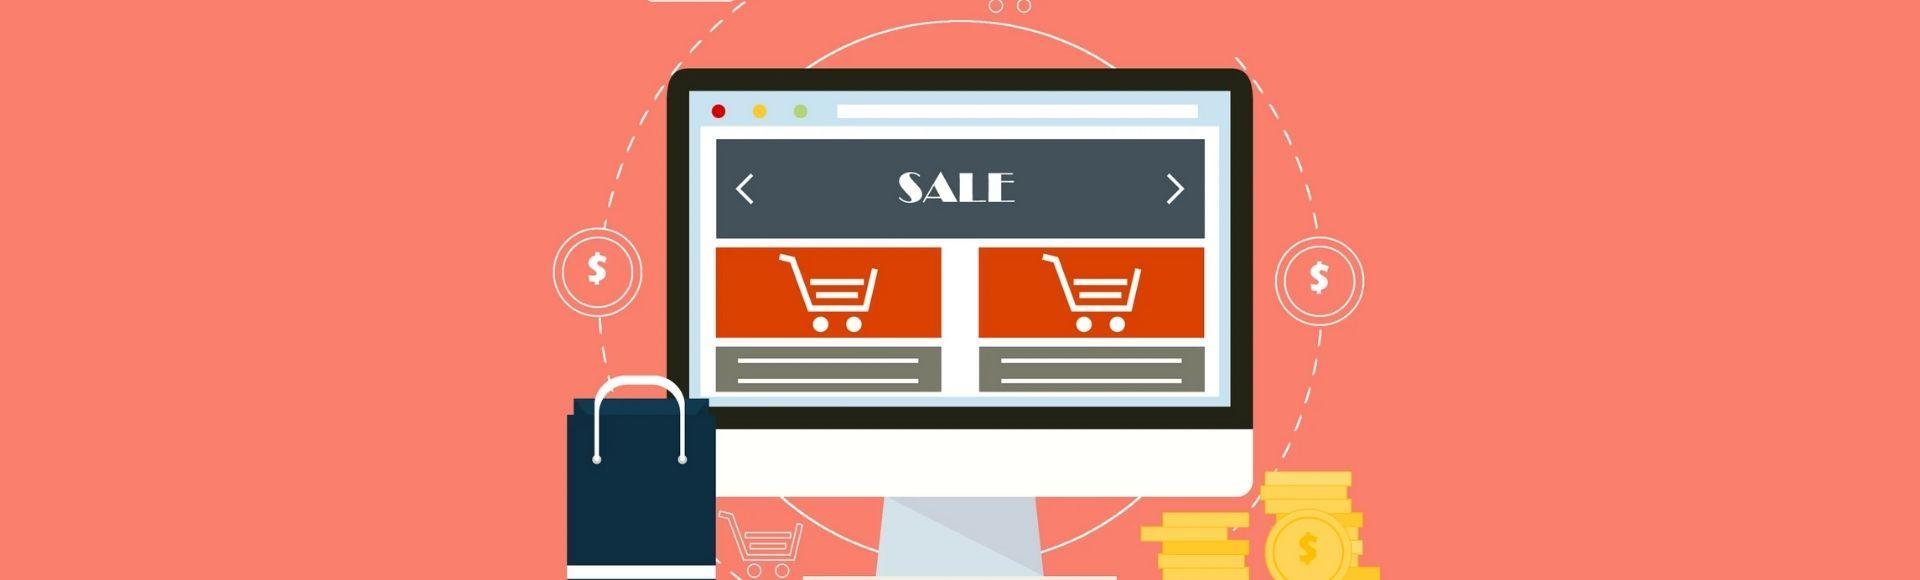 jak zwiekszyc sprzedaz w sklepie internetowym dzieki długiemu ogonowi poradnik